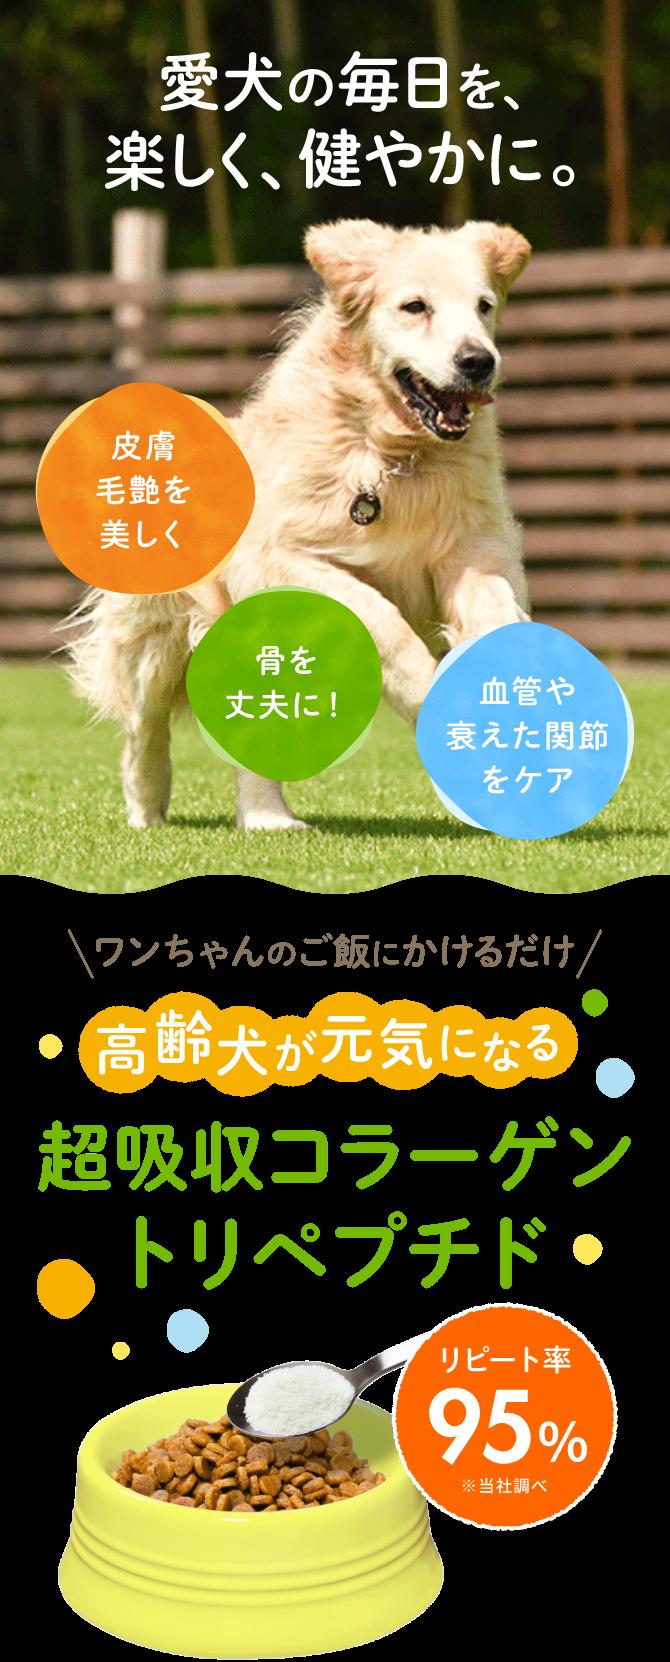 餌にかけるだけ 高齢犬が元気になる 超吸収コラーゲントリペプジド